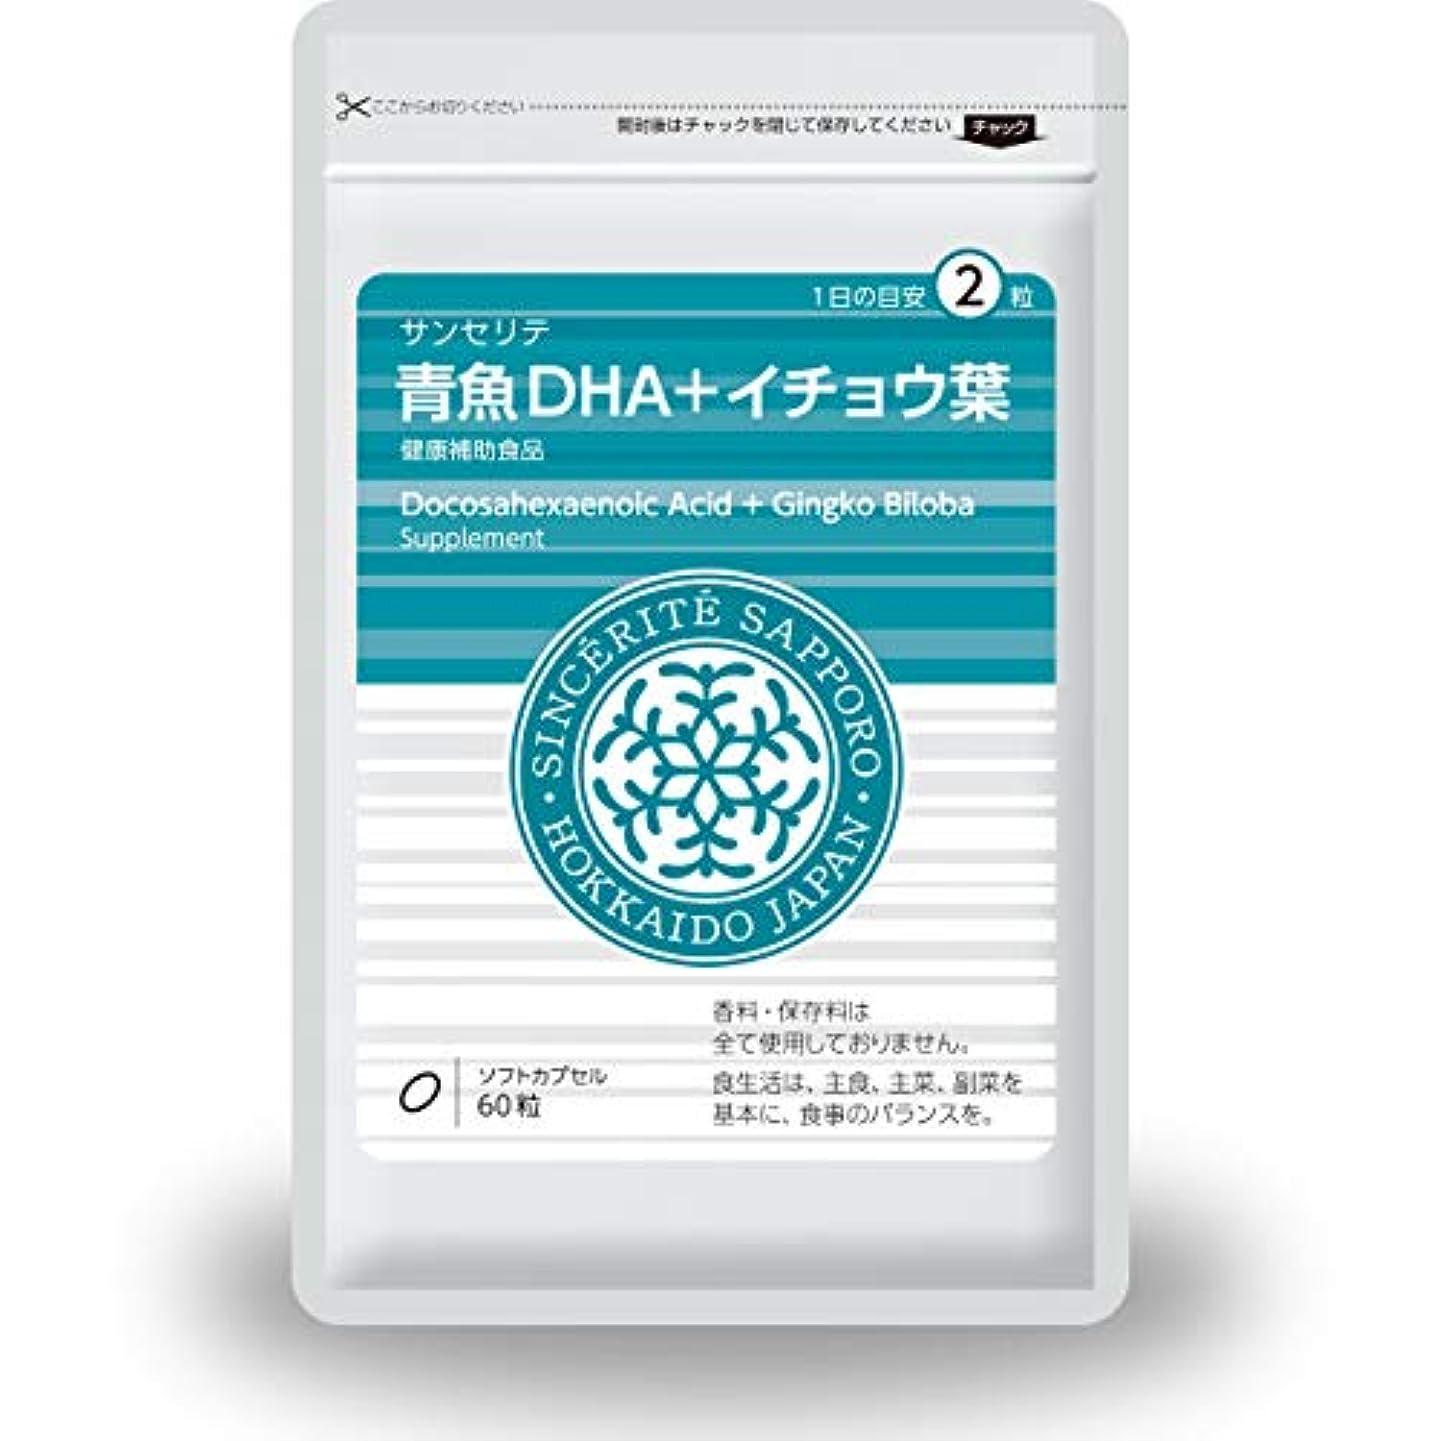 メタンステープル梨青魚DHA+イチョウ葉 [DHA]101mg配合[国内製造]しっかり30日分